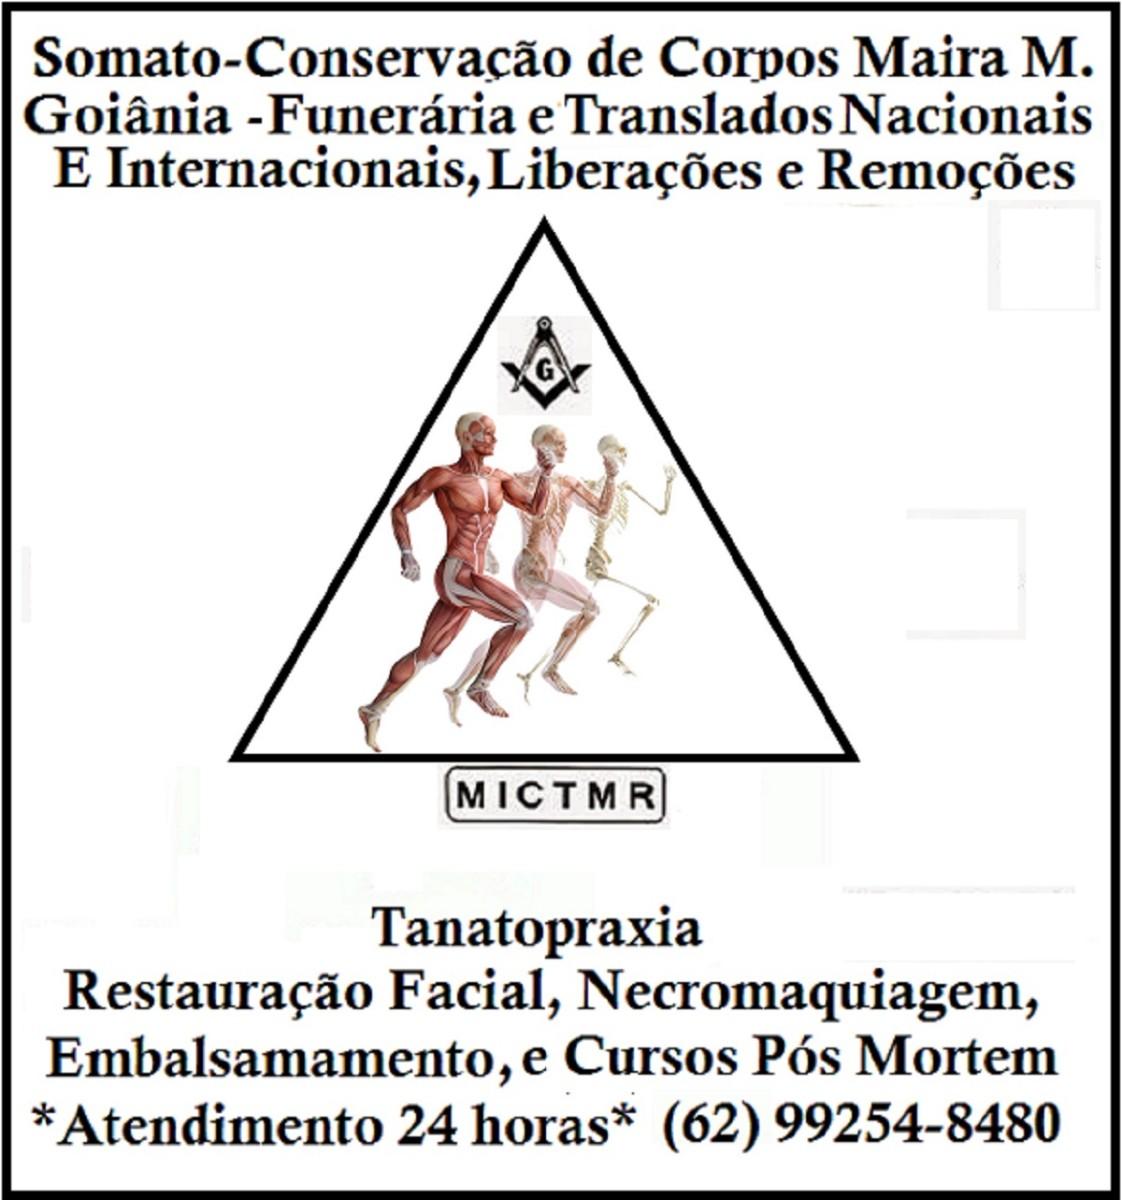 Funeraria Maira M. Goiânia, Somato-Conservação de Corpos Maira M. Goiânia, Cursos de Tanatopraxia